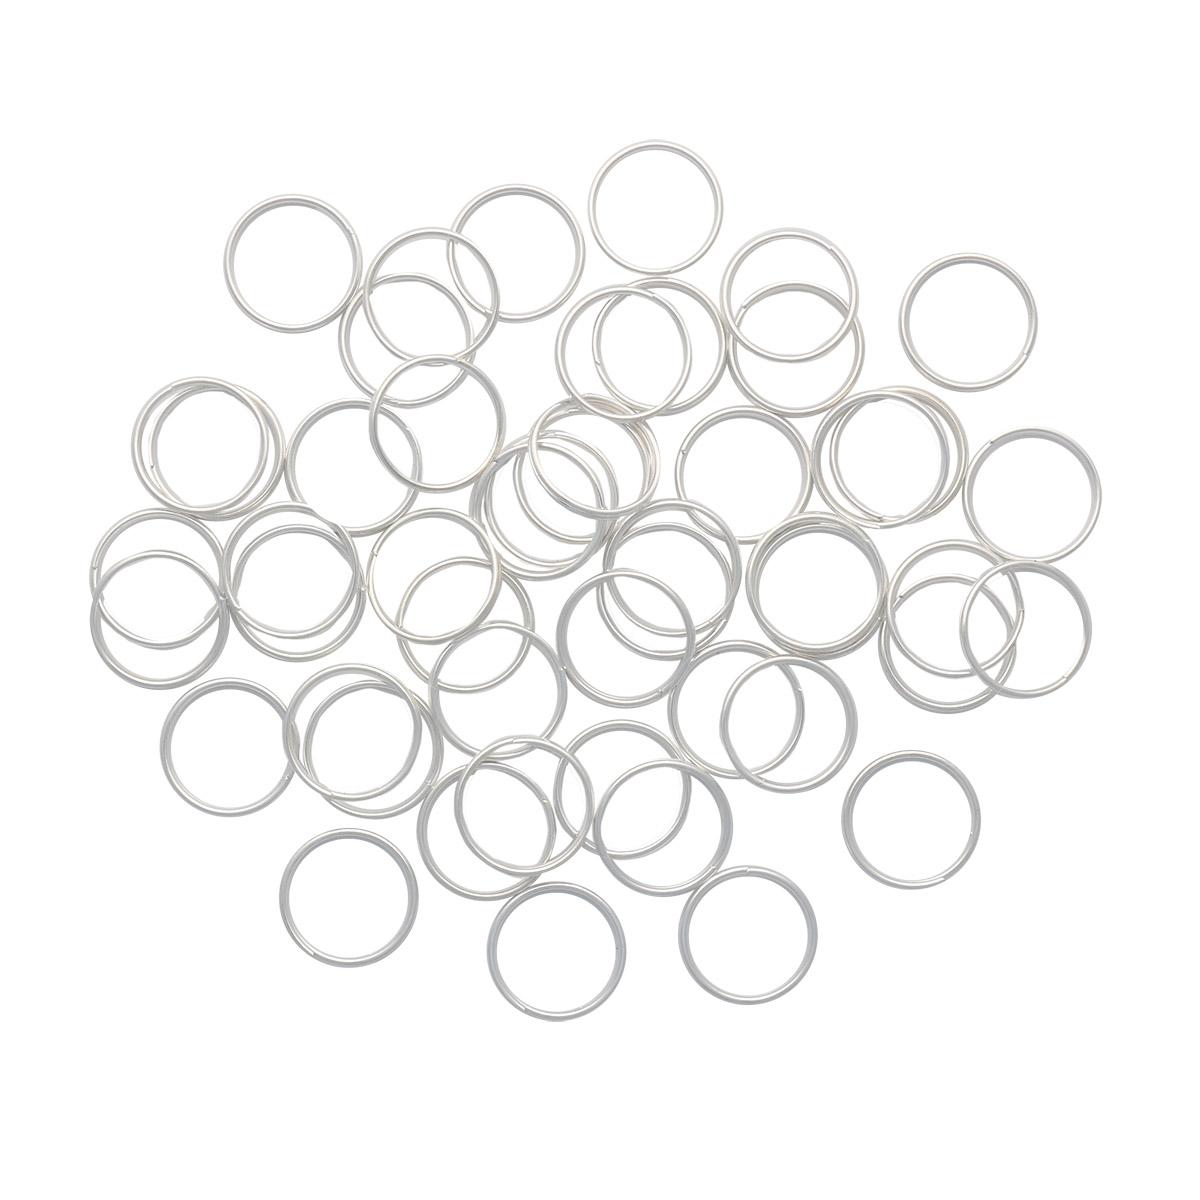 4AR259/260 Кольцо соединительное двойное, 12мм, 50шт/упак, Астра